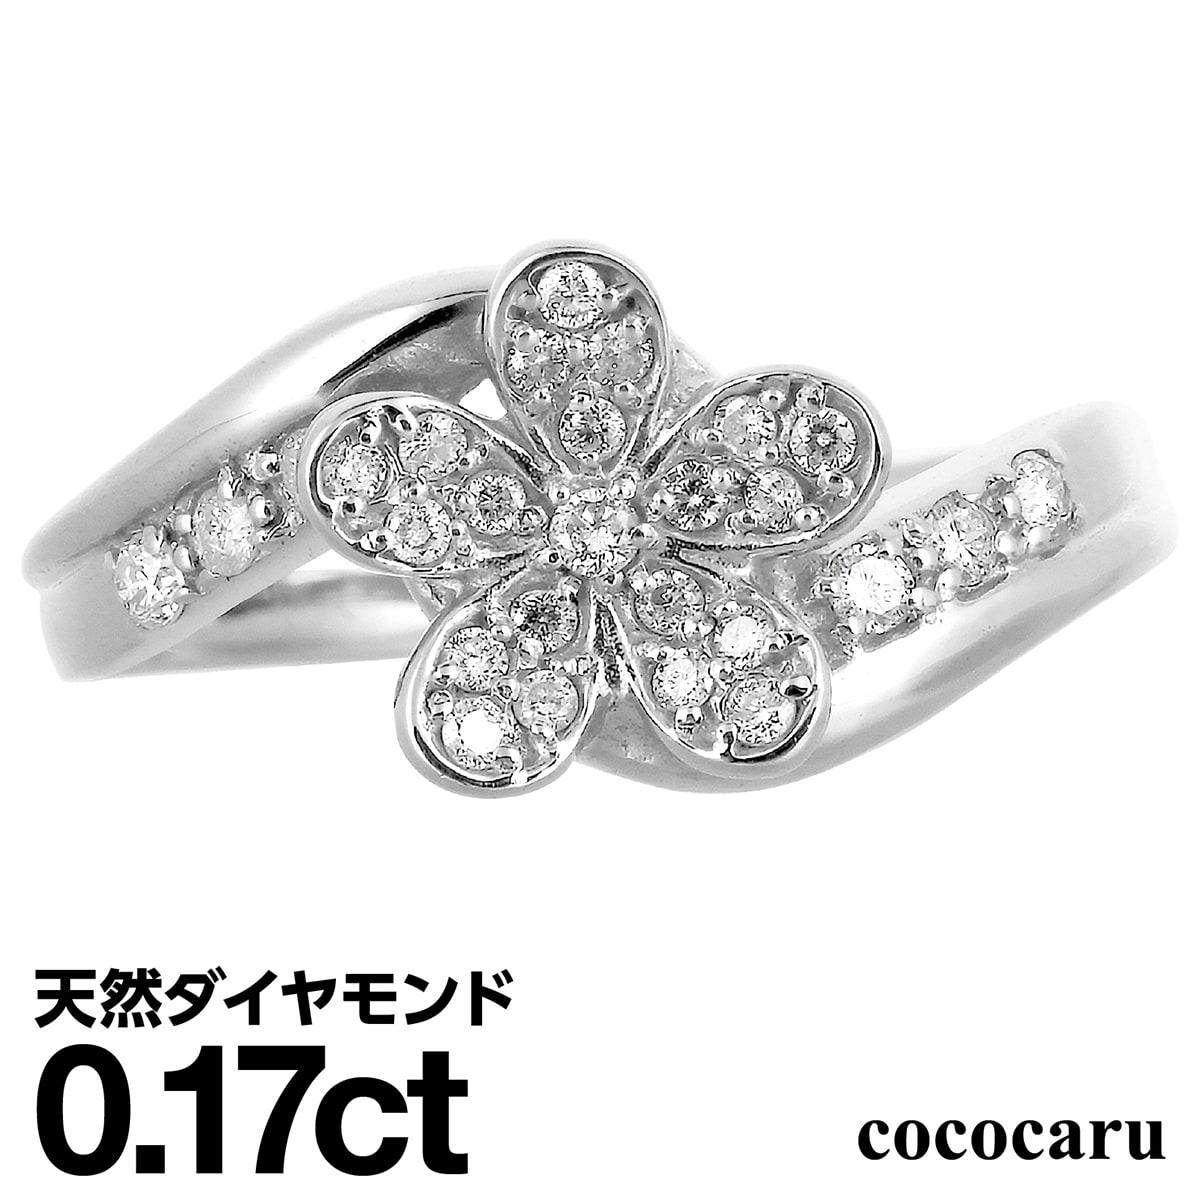 ダイヤモンド リング シルバー925 シルバーリング ファッションリング 品質保証書 金属アレルギー 日本製 誕生日 ギフトCxoedB